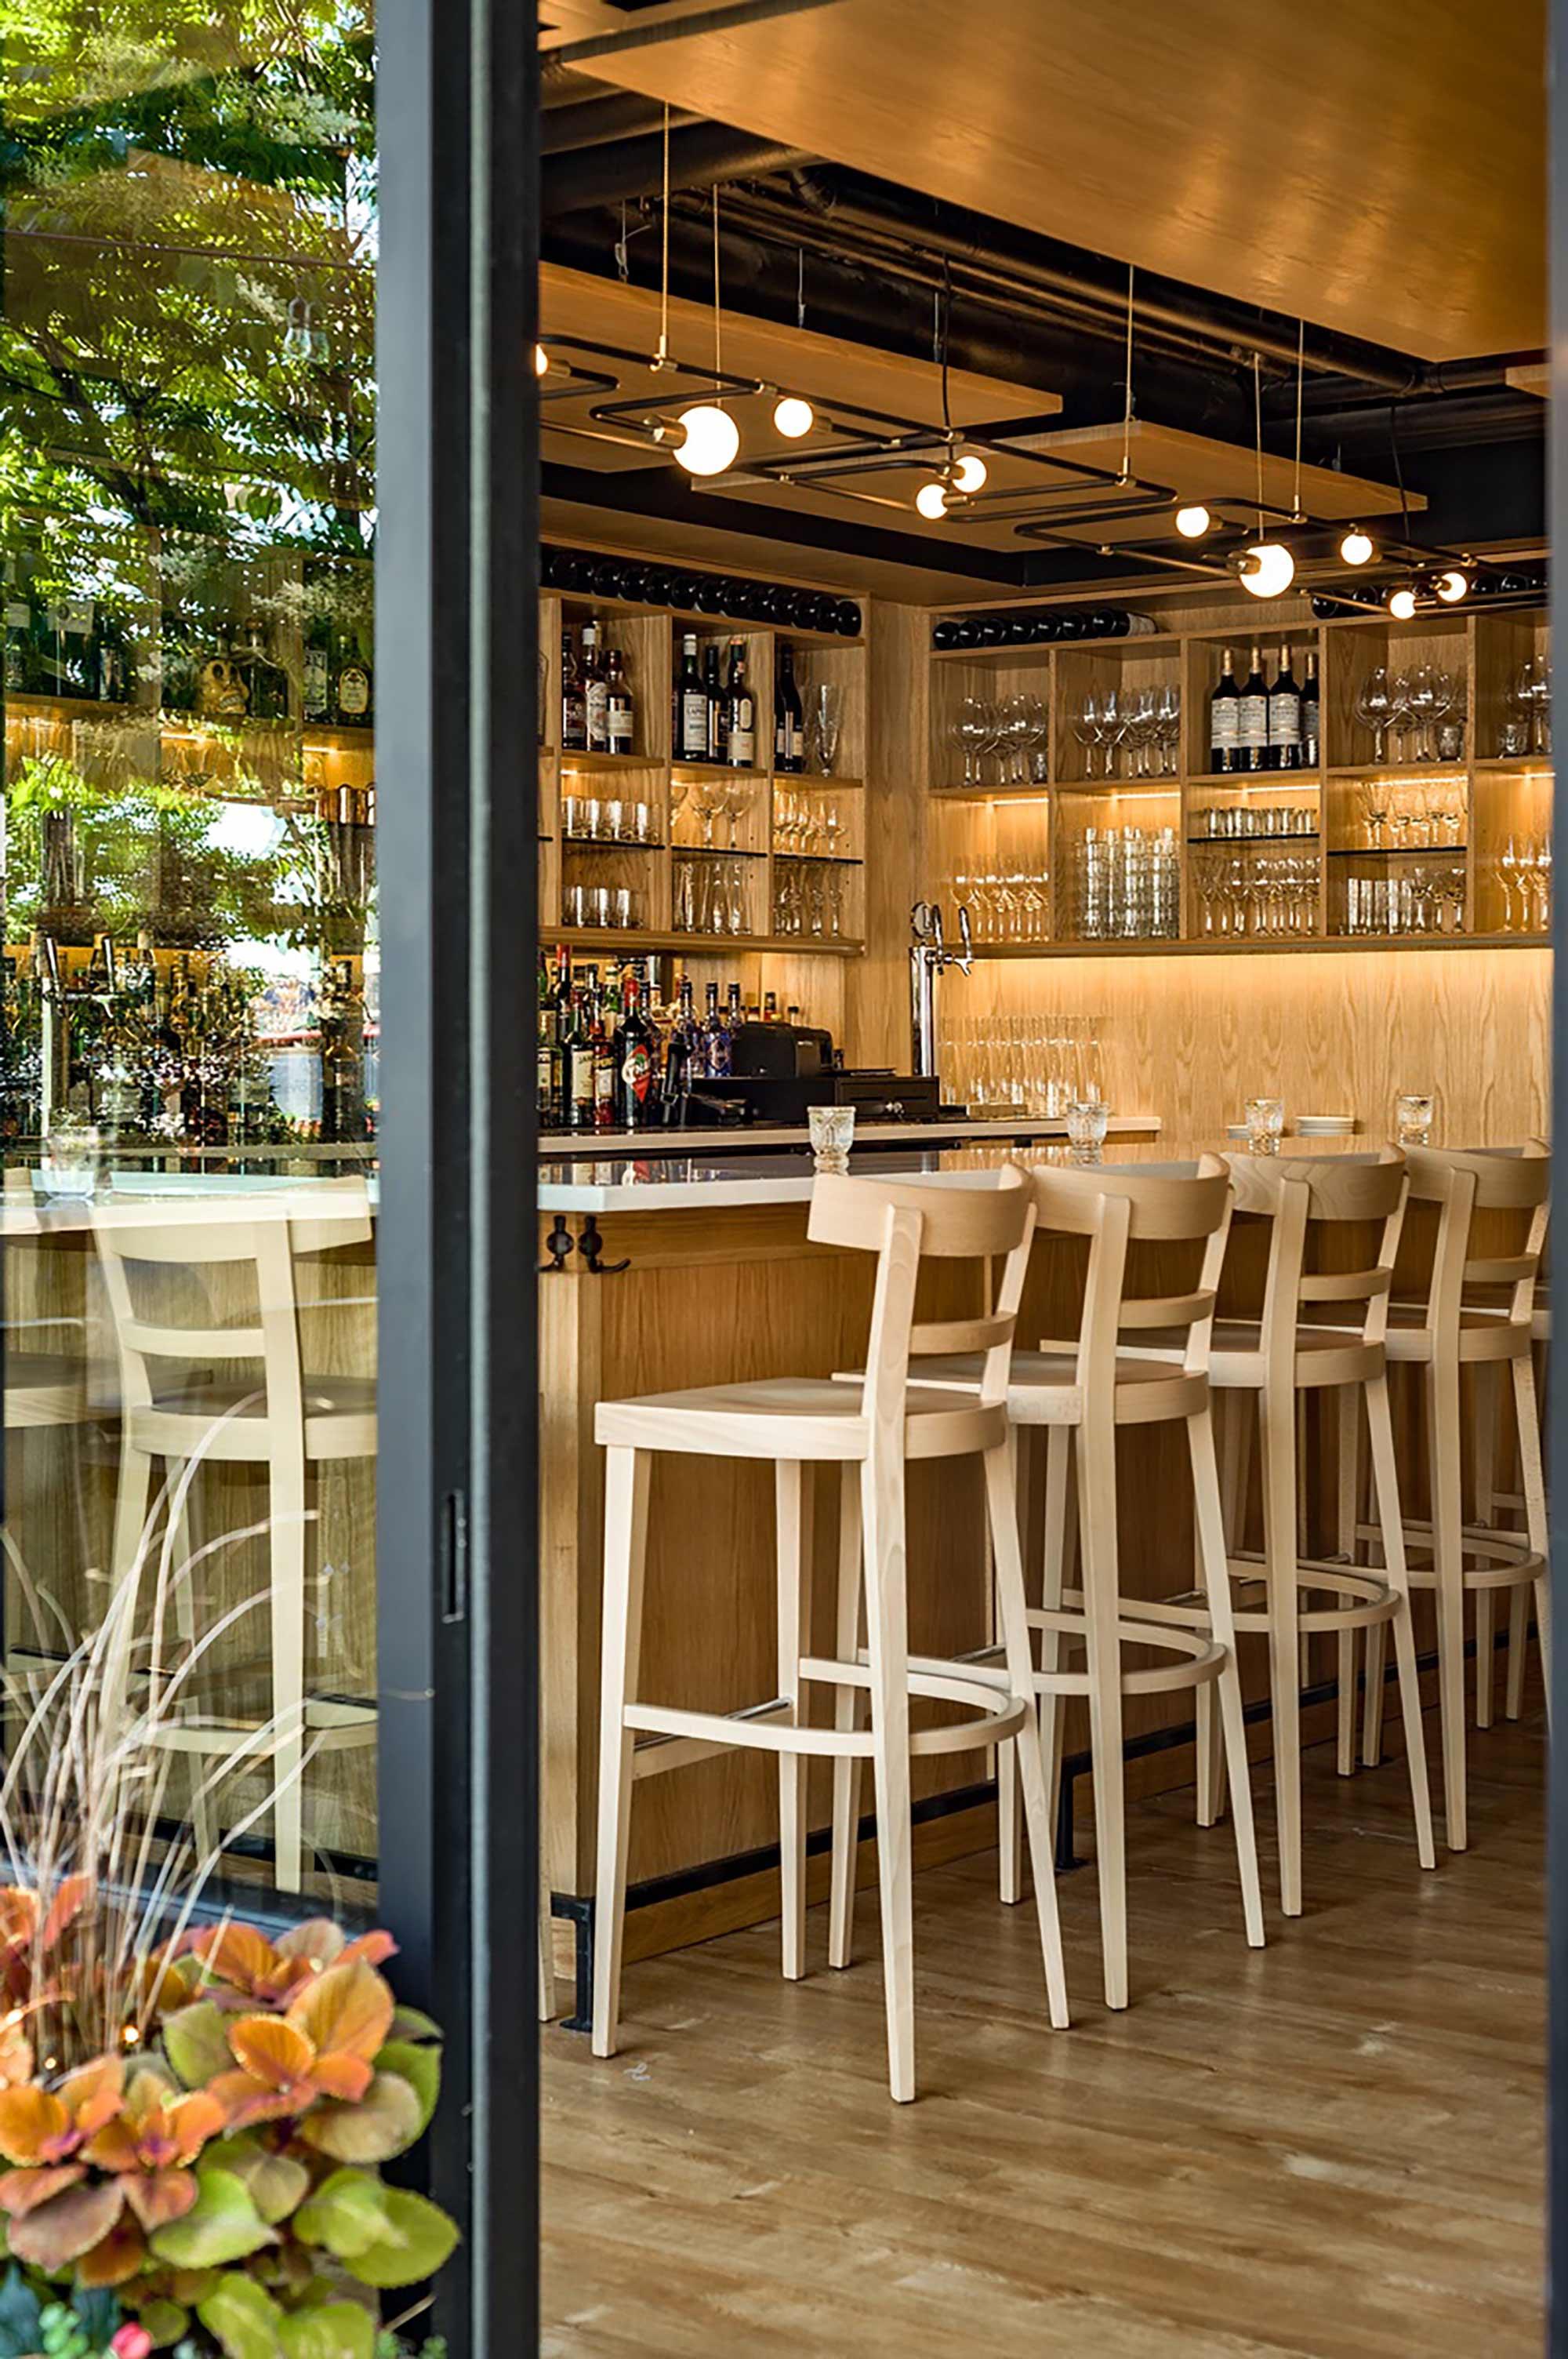 interior-design-halifax-restaurant-bar-window.jpg